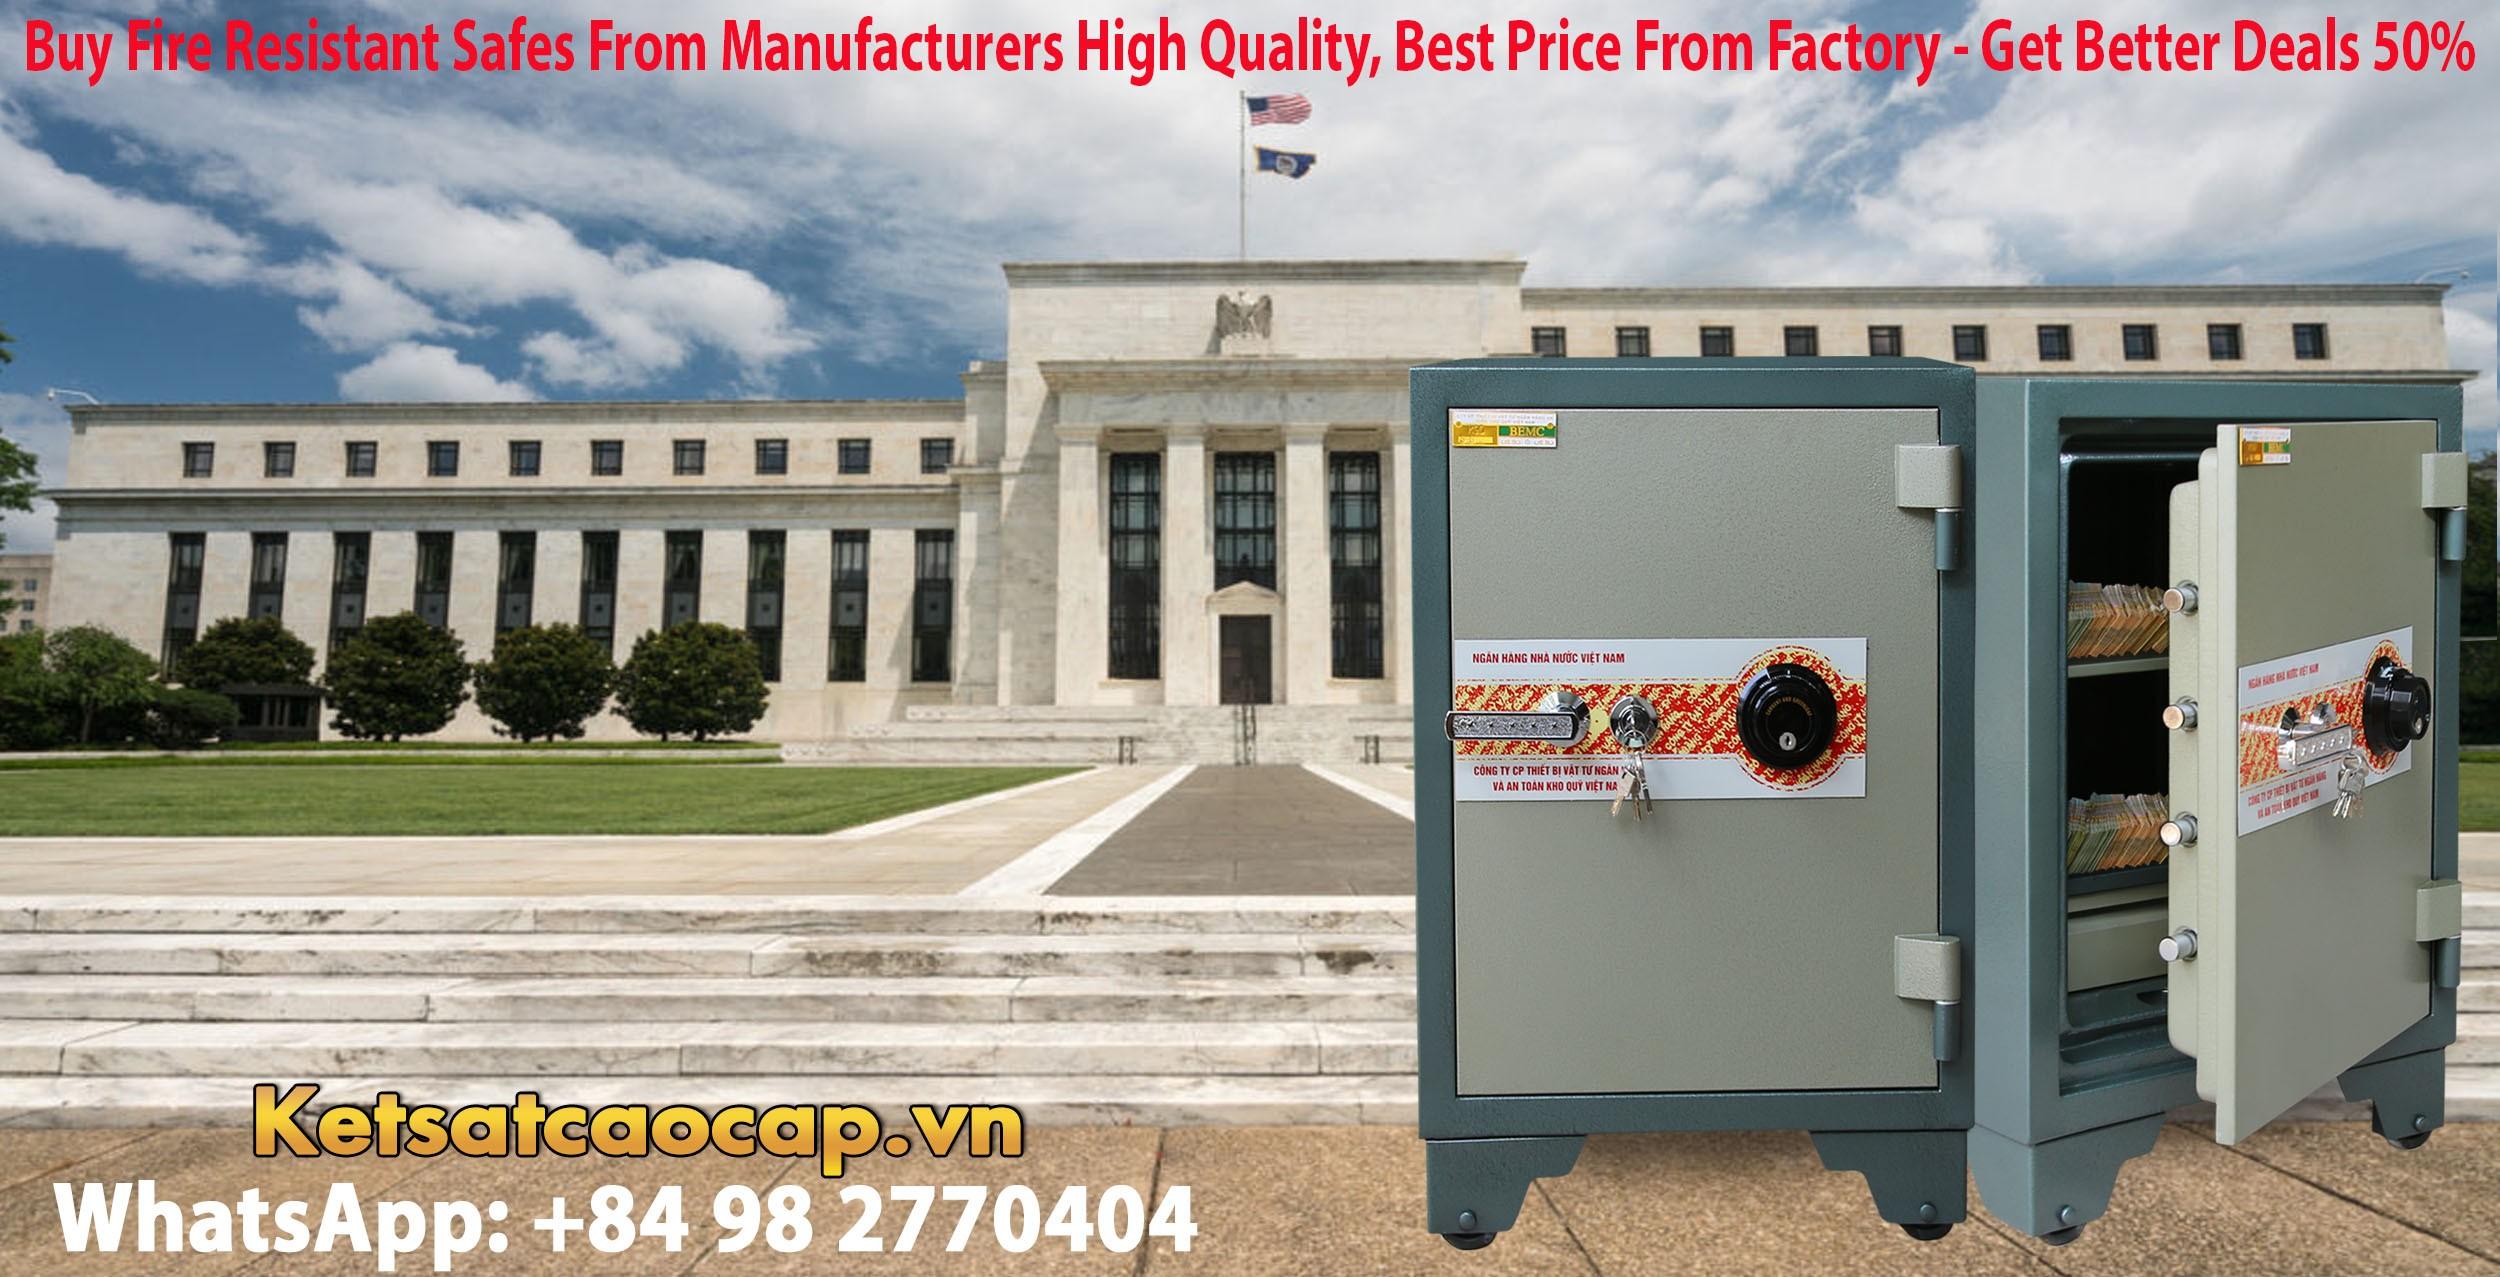 hình ảnh sản phẩm Bank Safes LX700 DK Luxurious Design High Quality Secure Bank Safe Box